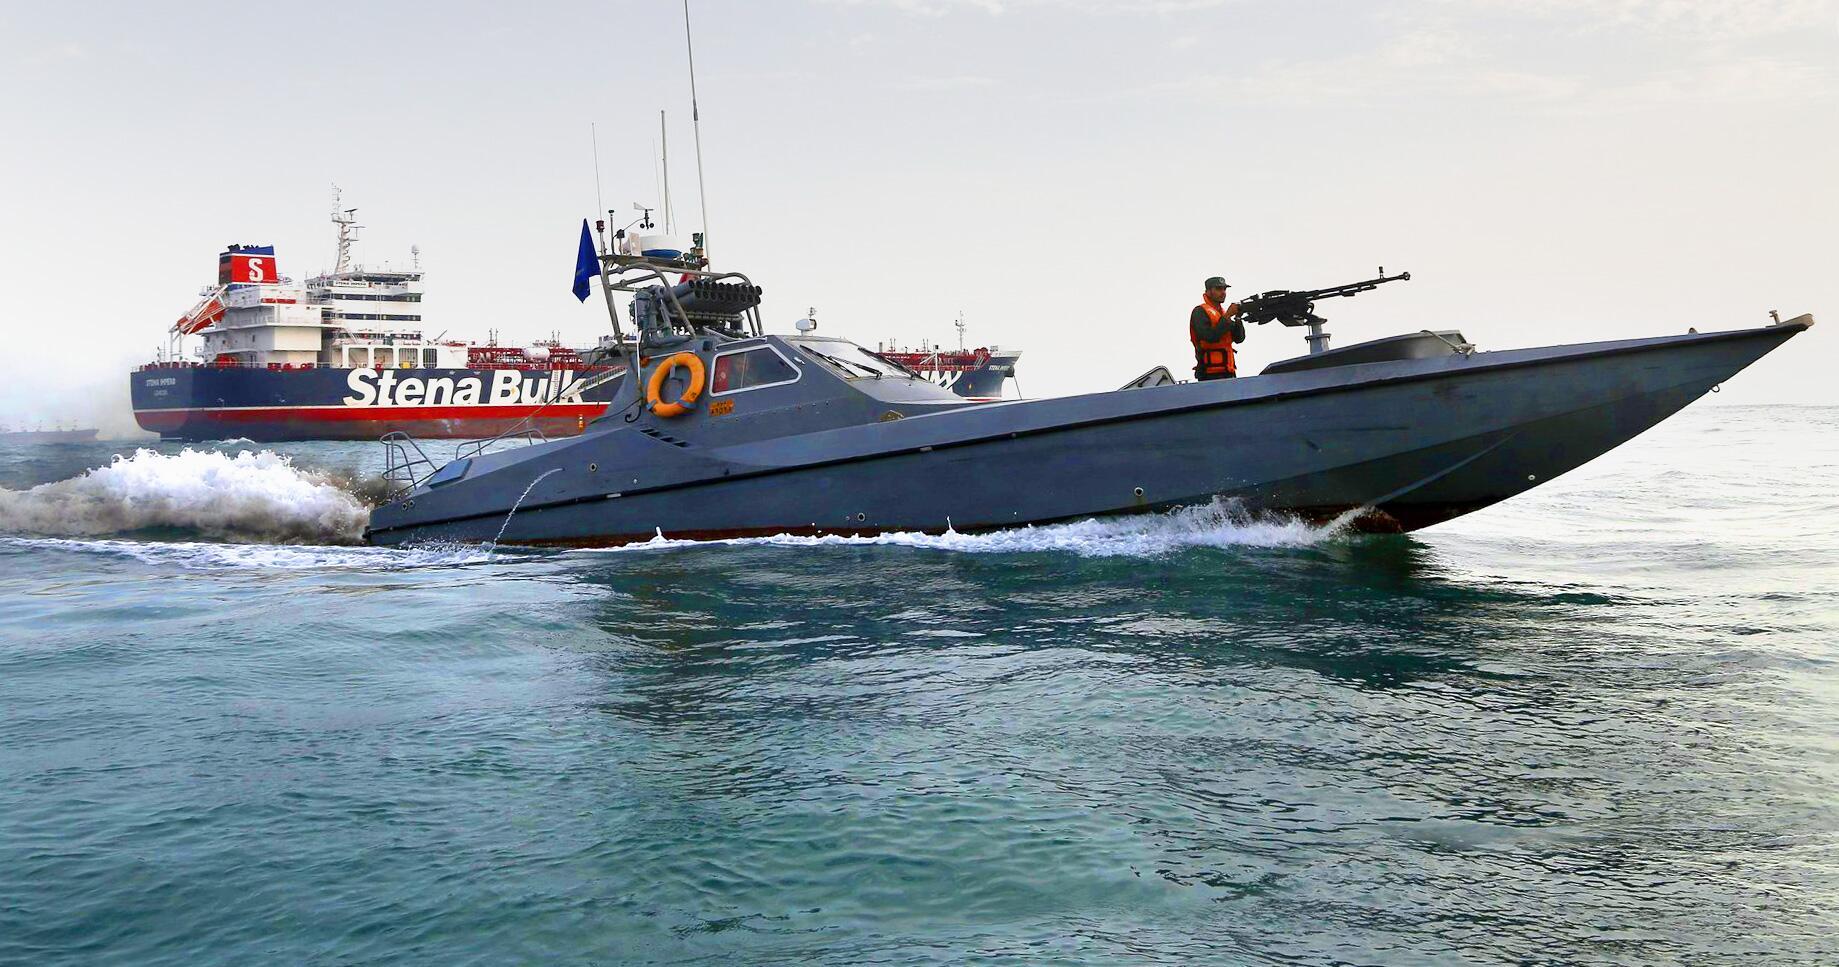 Bild zu Eskalation am Golf - Beschlagnahmung Öltanker